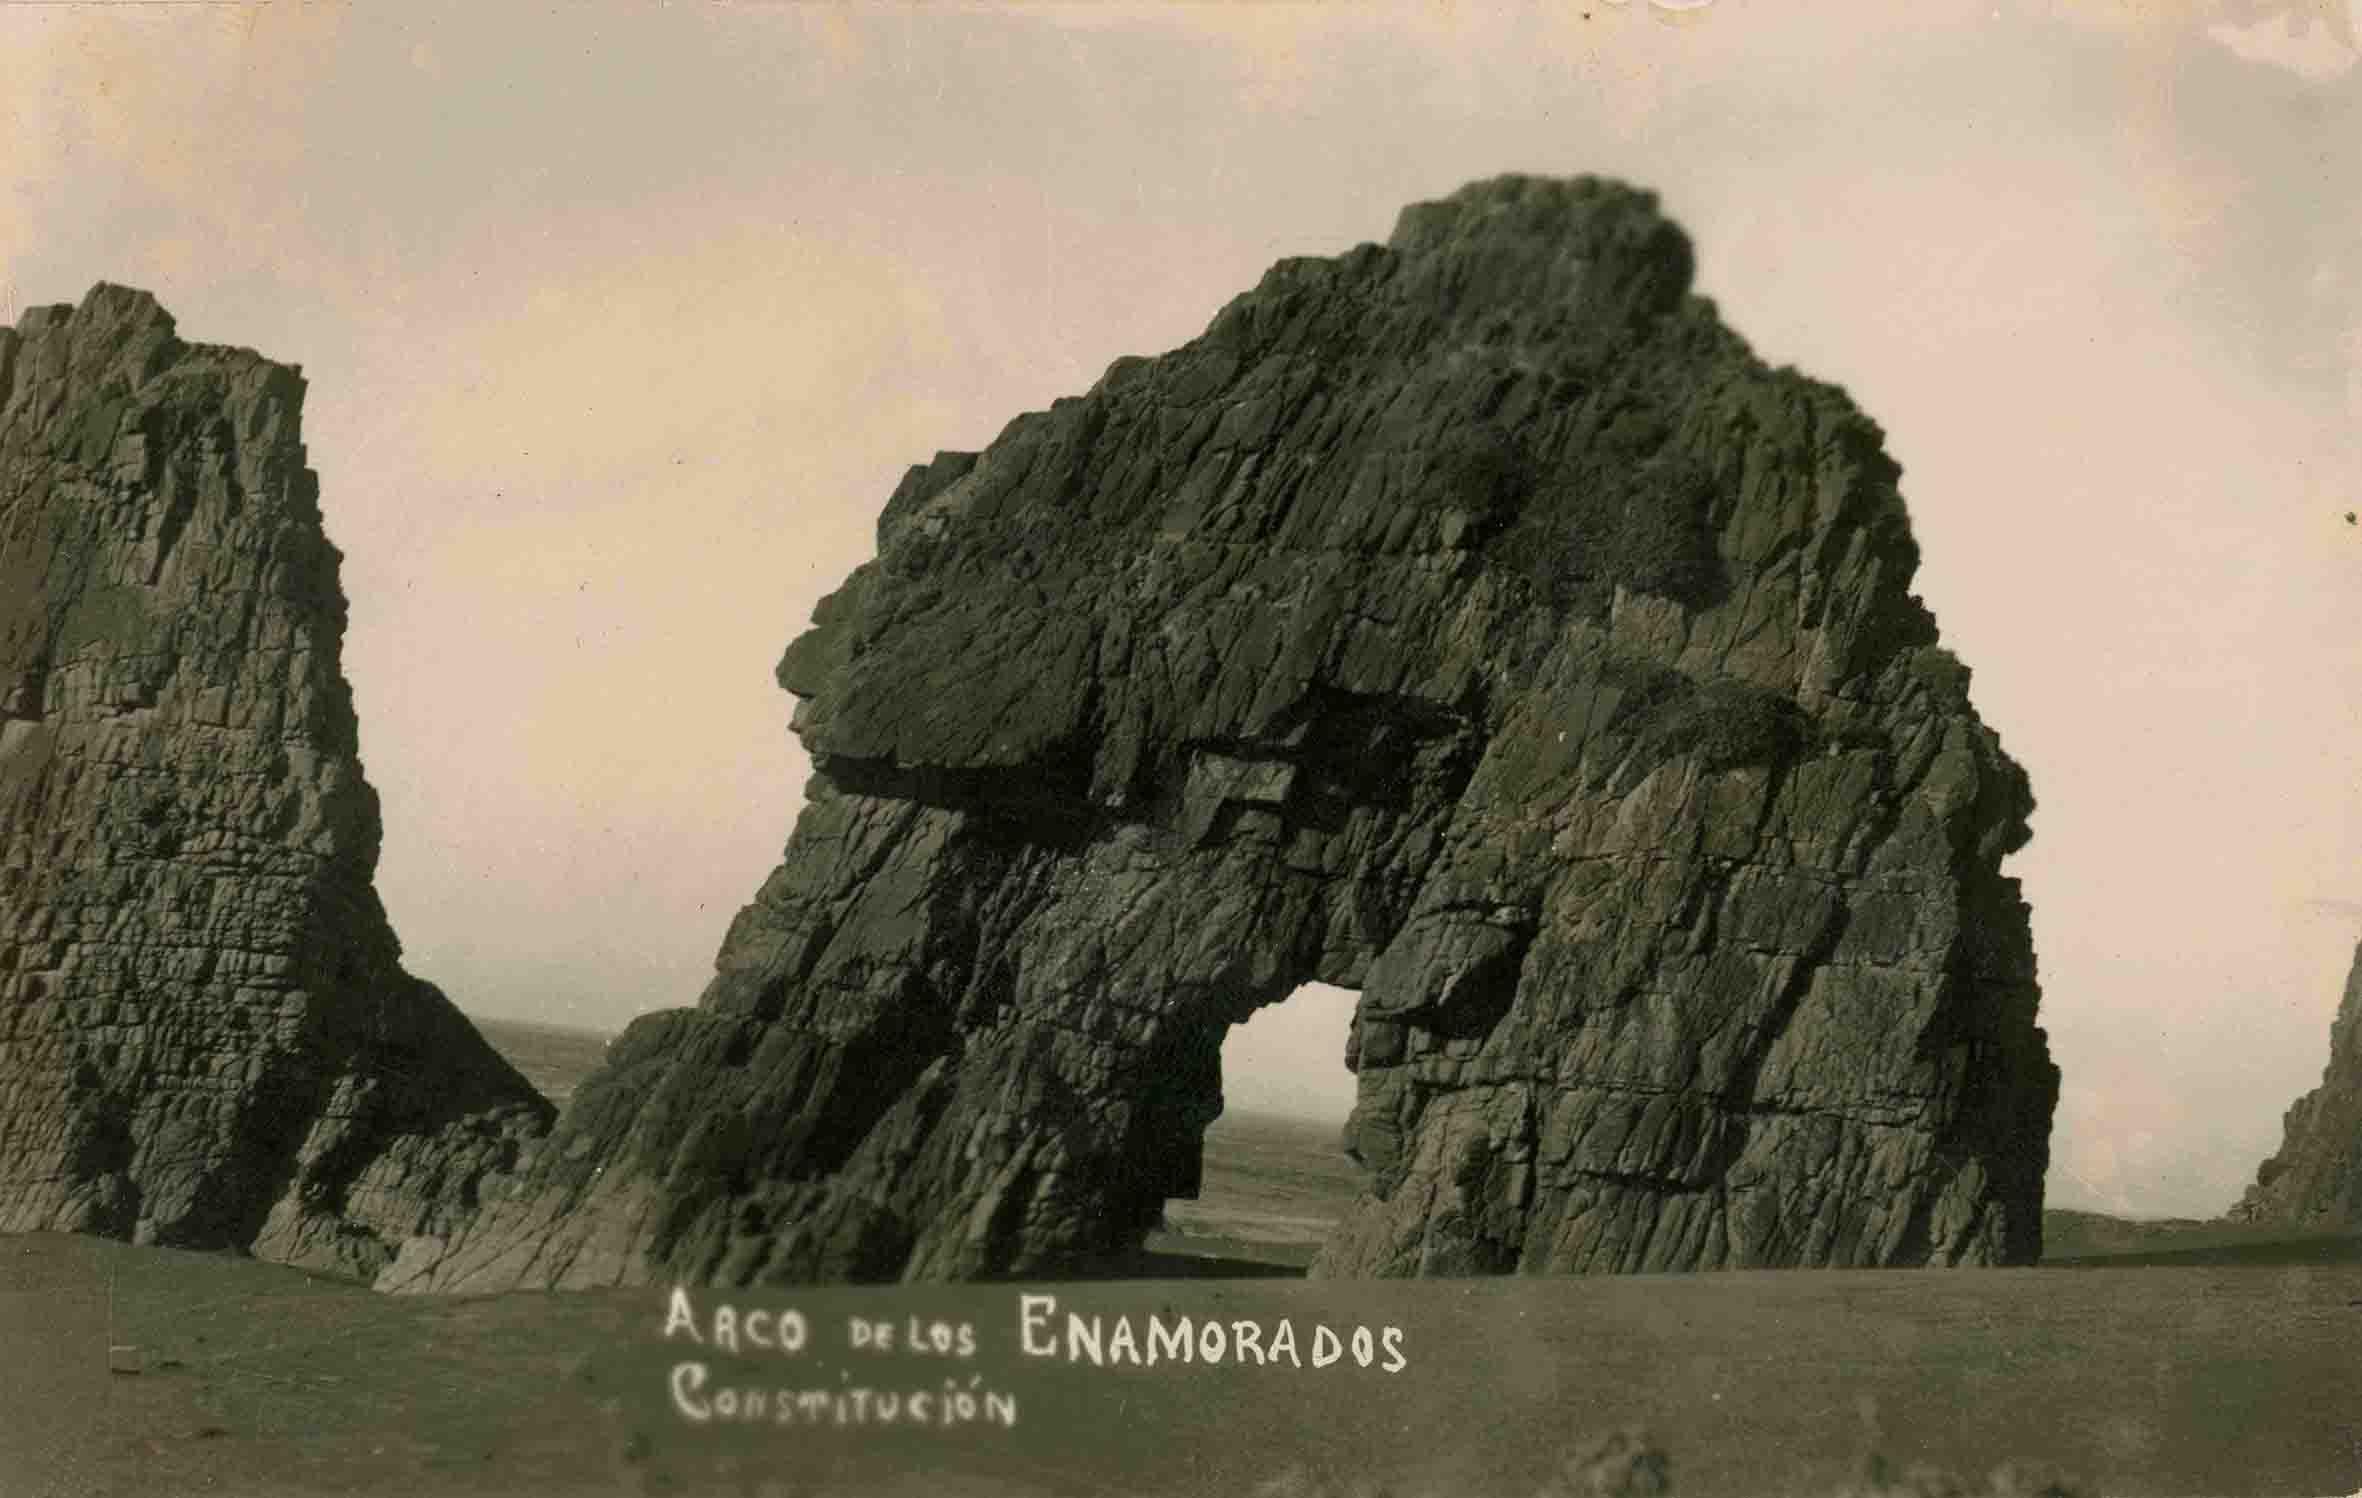 Enterreno - Fotos históricas de chile - fotos antiguas de Chile - Arco de los enamorados, Constitución ca. 1930